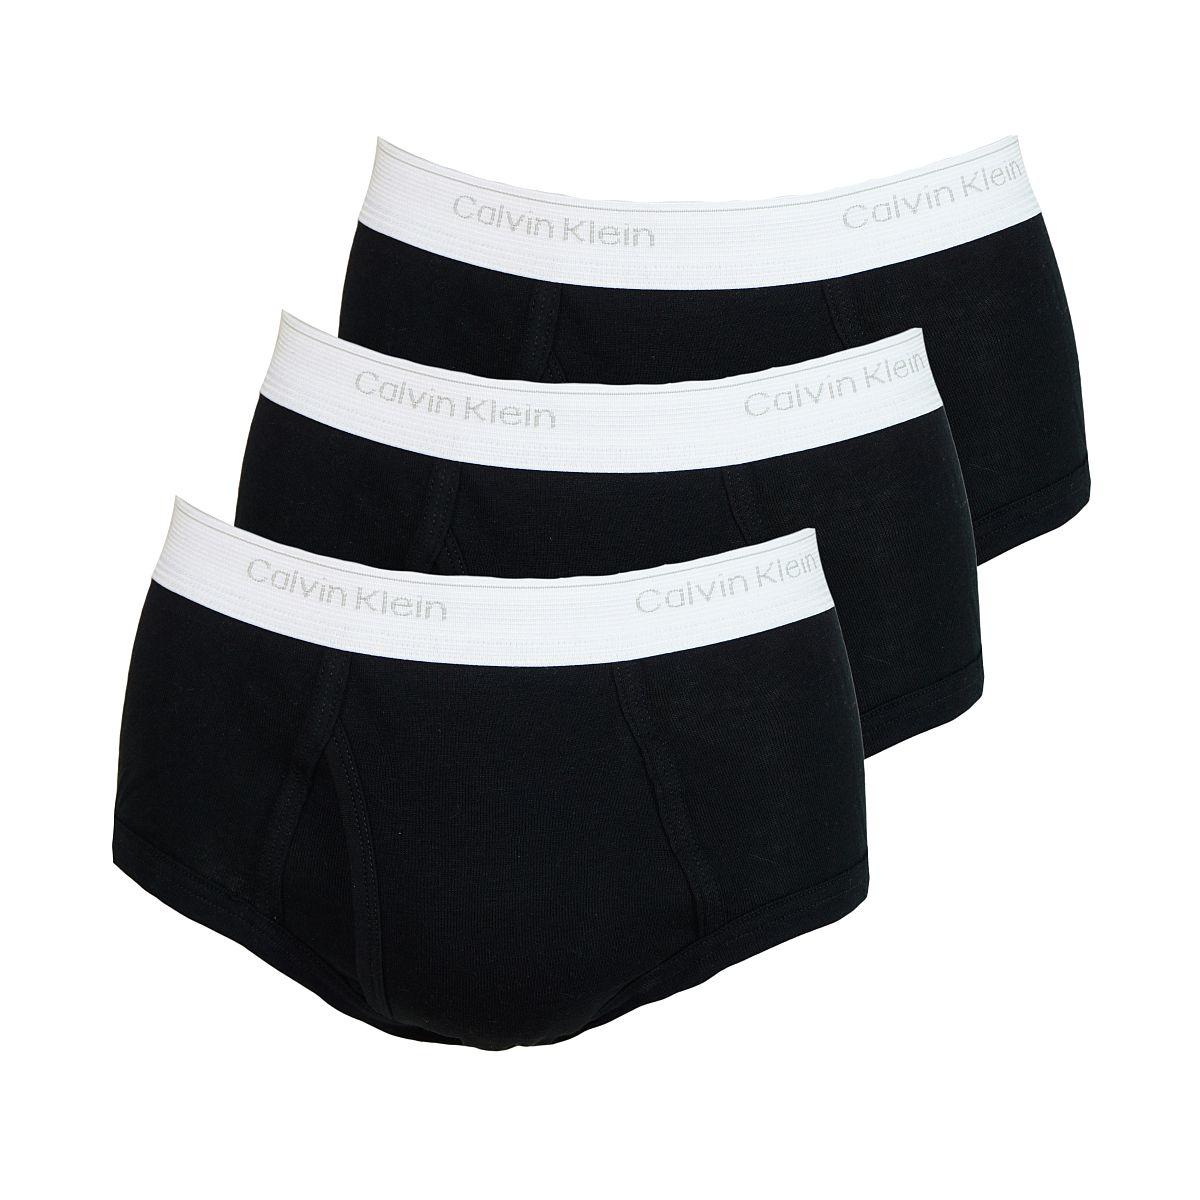 Calvin Klein 3er Pack Slips Shorts CK16 U1000A schwarz